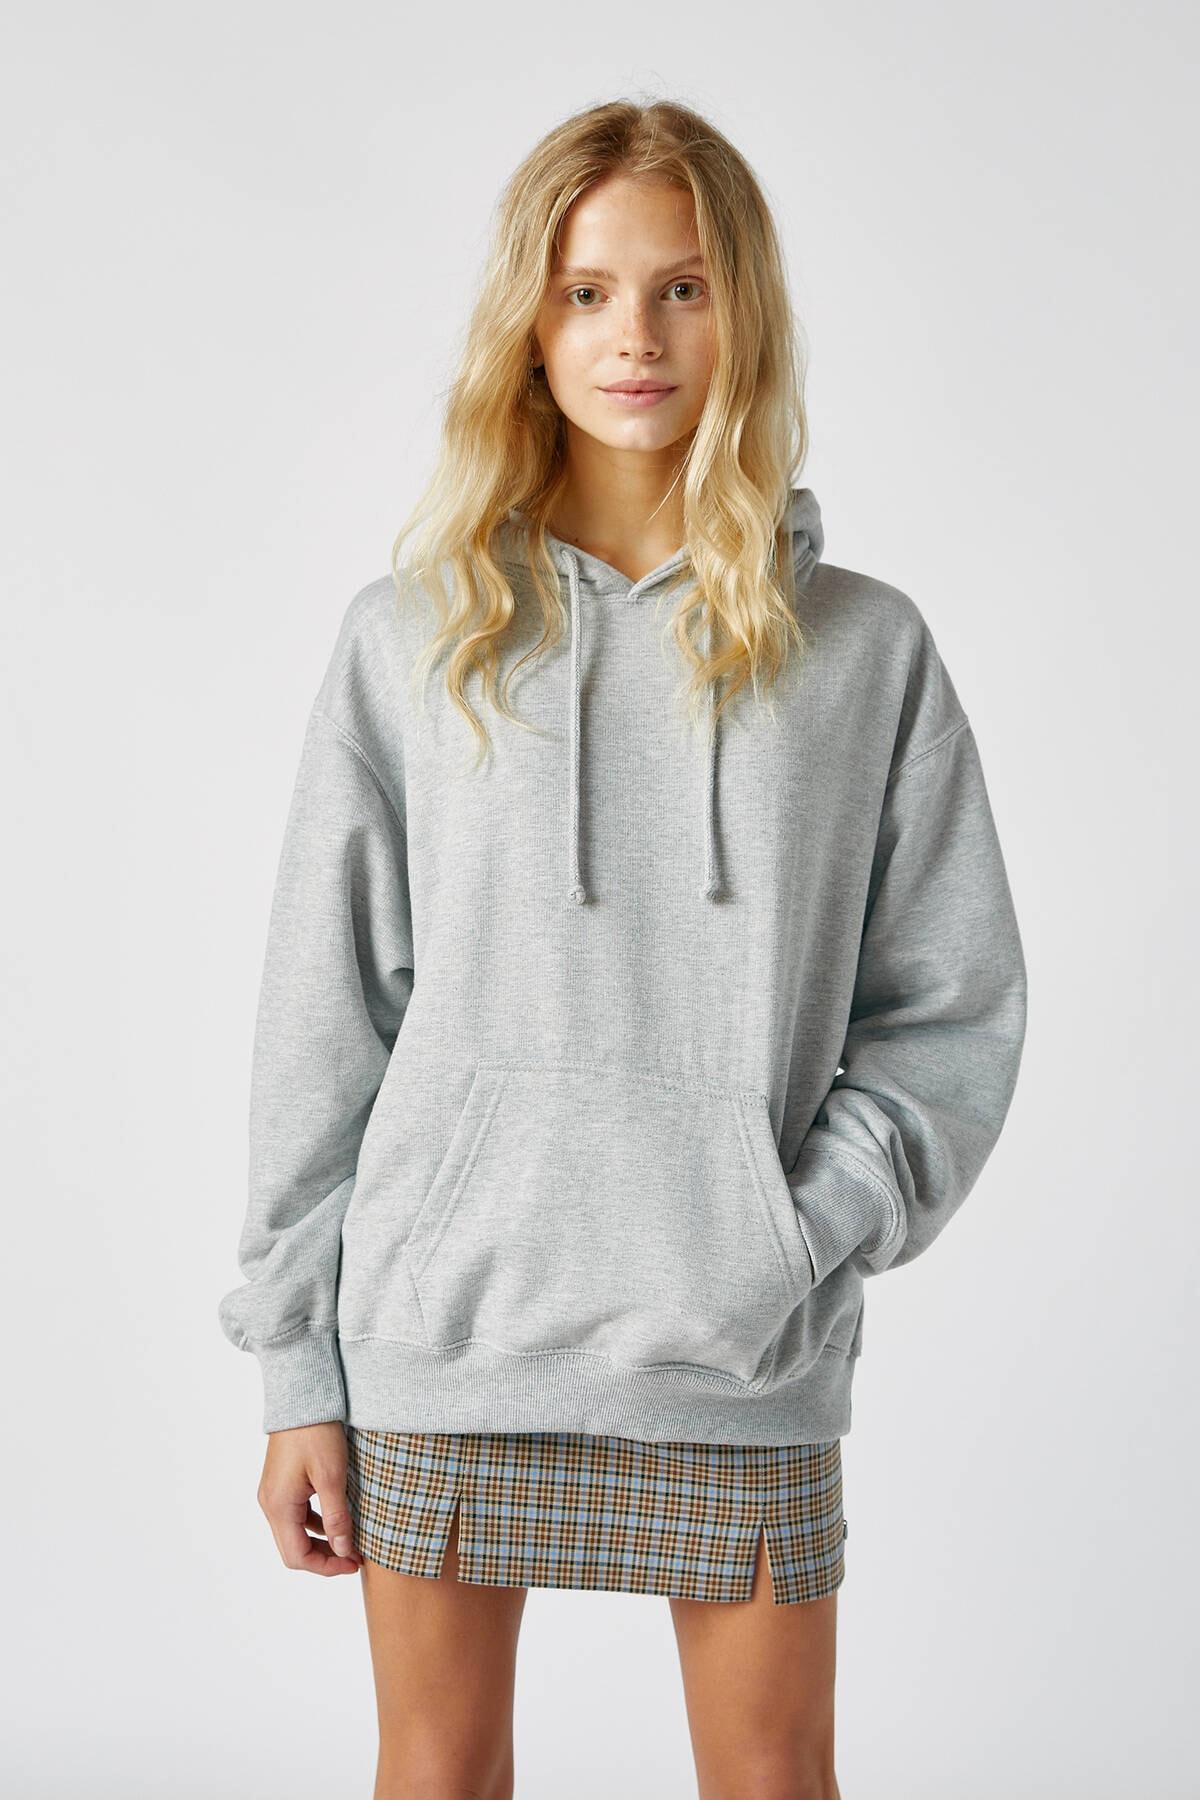 Pull & Bear Kadın Orta Melanj Basic Uzun Kollu Kapüşonlu Sweatshirt 09594301 0